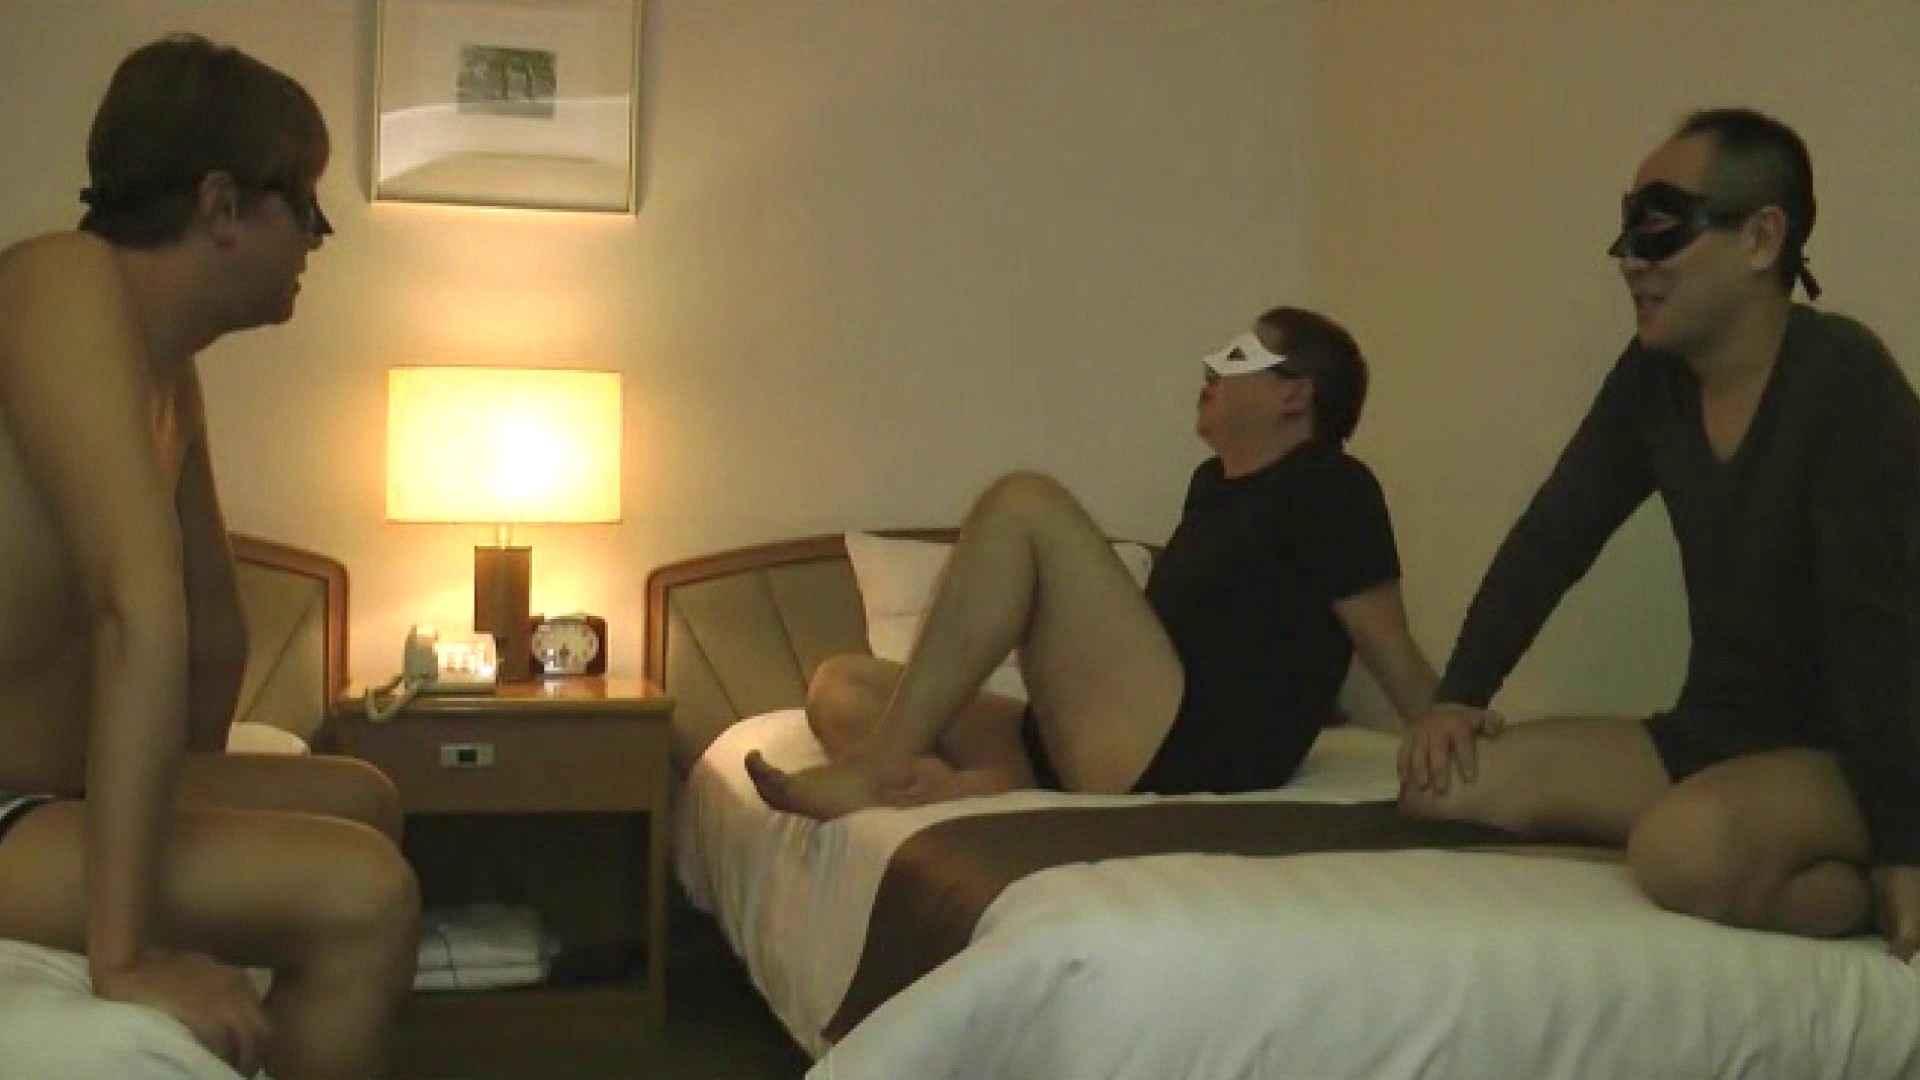 美女だらけの乱交パーティーvol.06前編 一般投稿 セックス画像 96pic 4